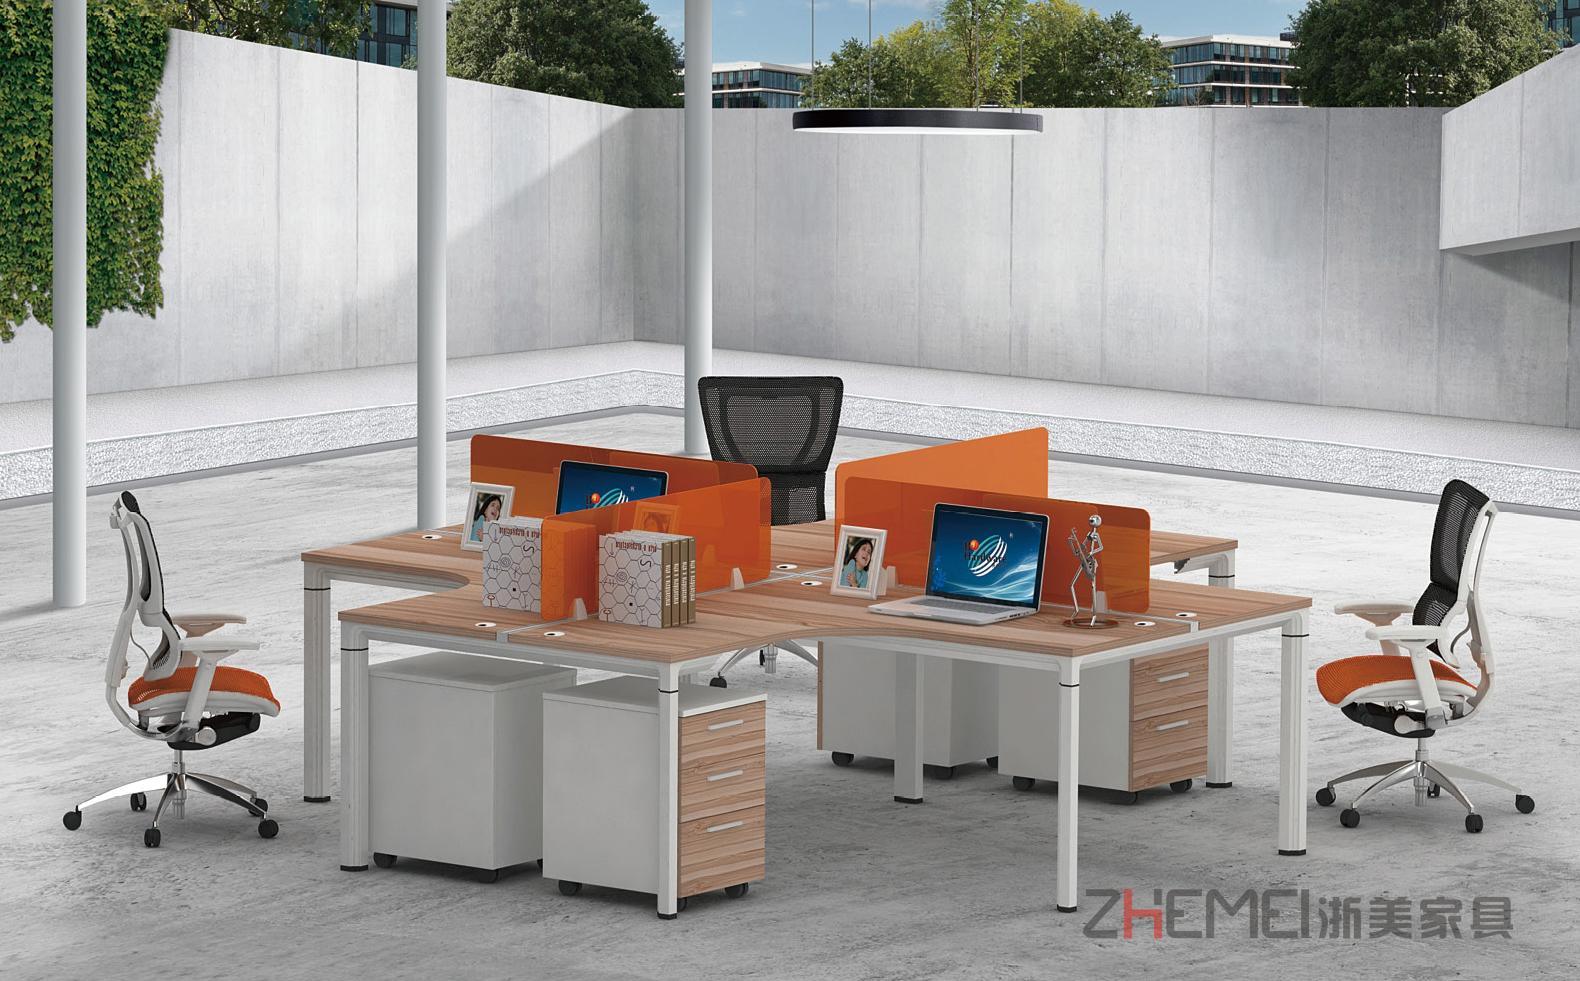 时尚自由 浙美办公室屏风搁板职员台、员工办公桌